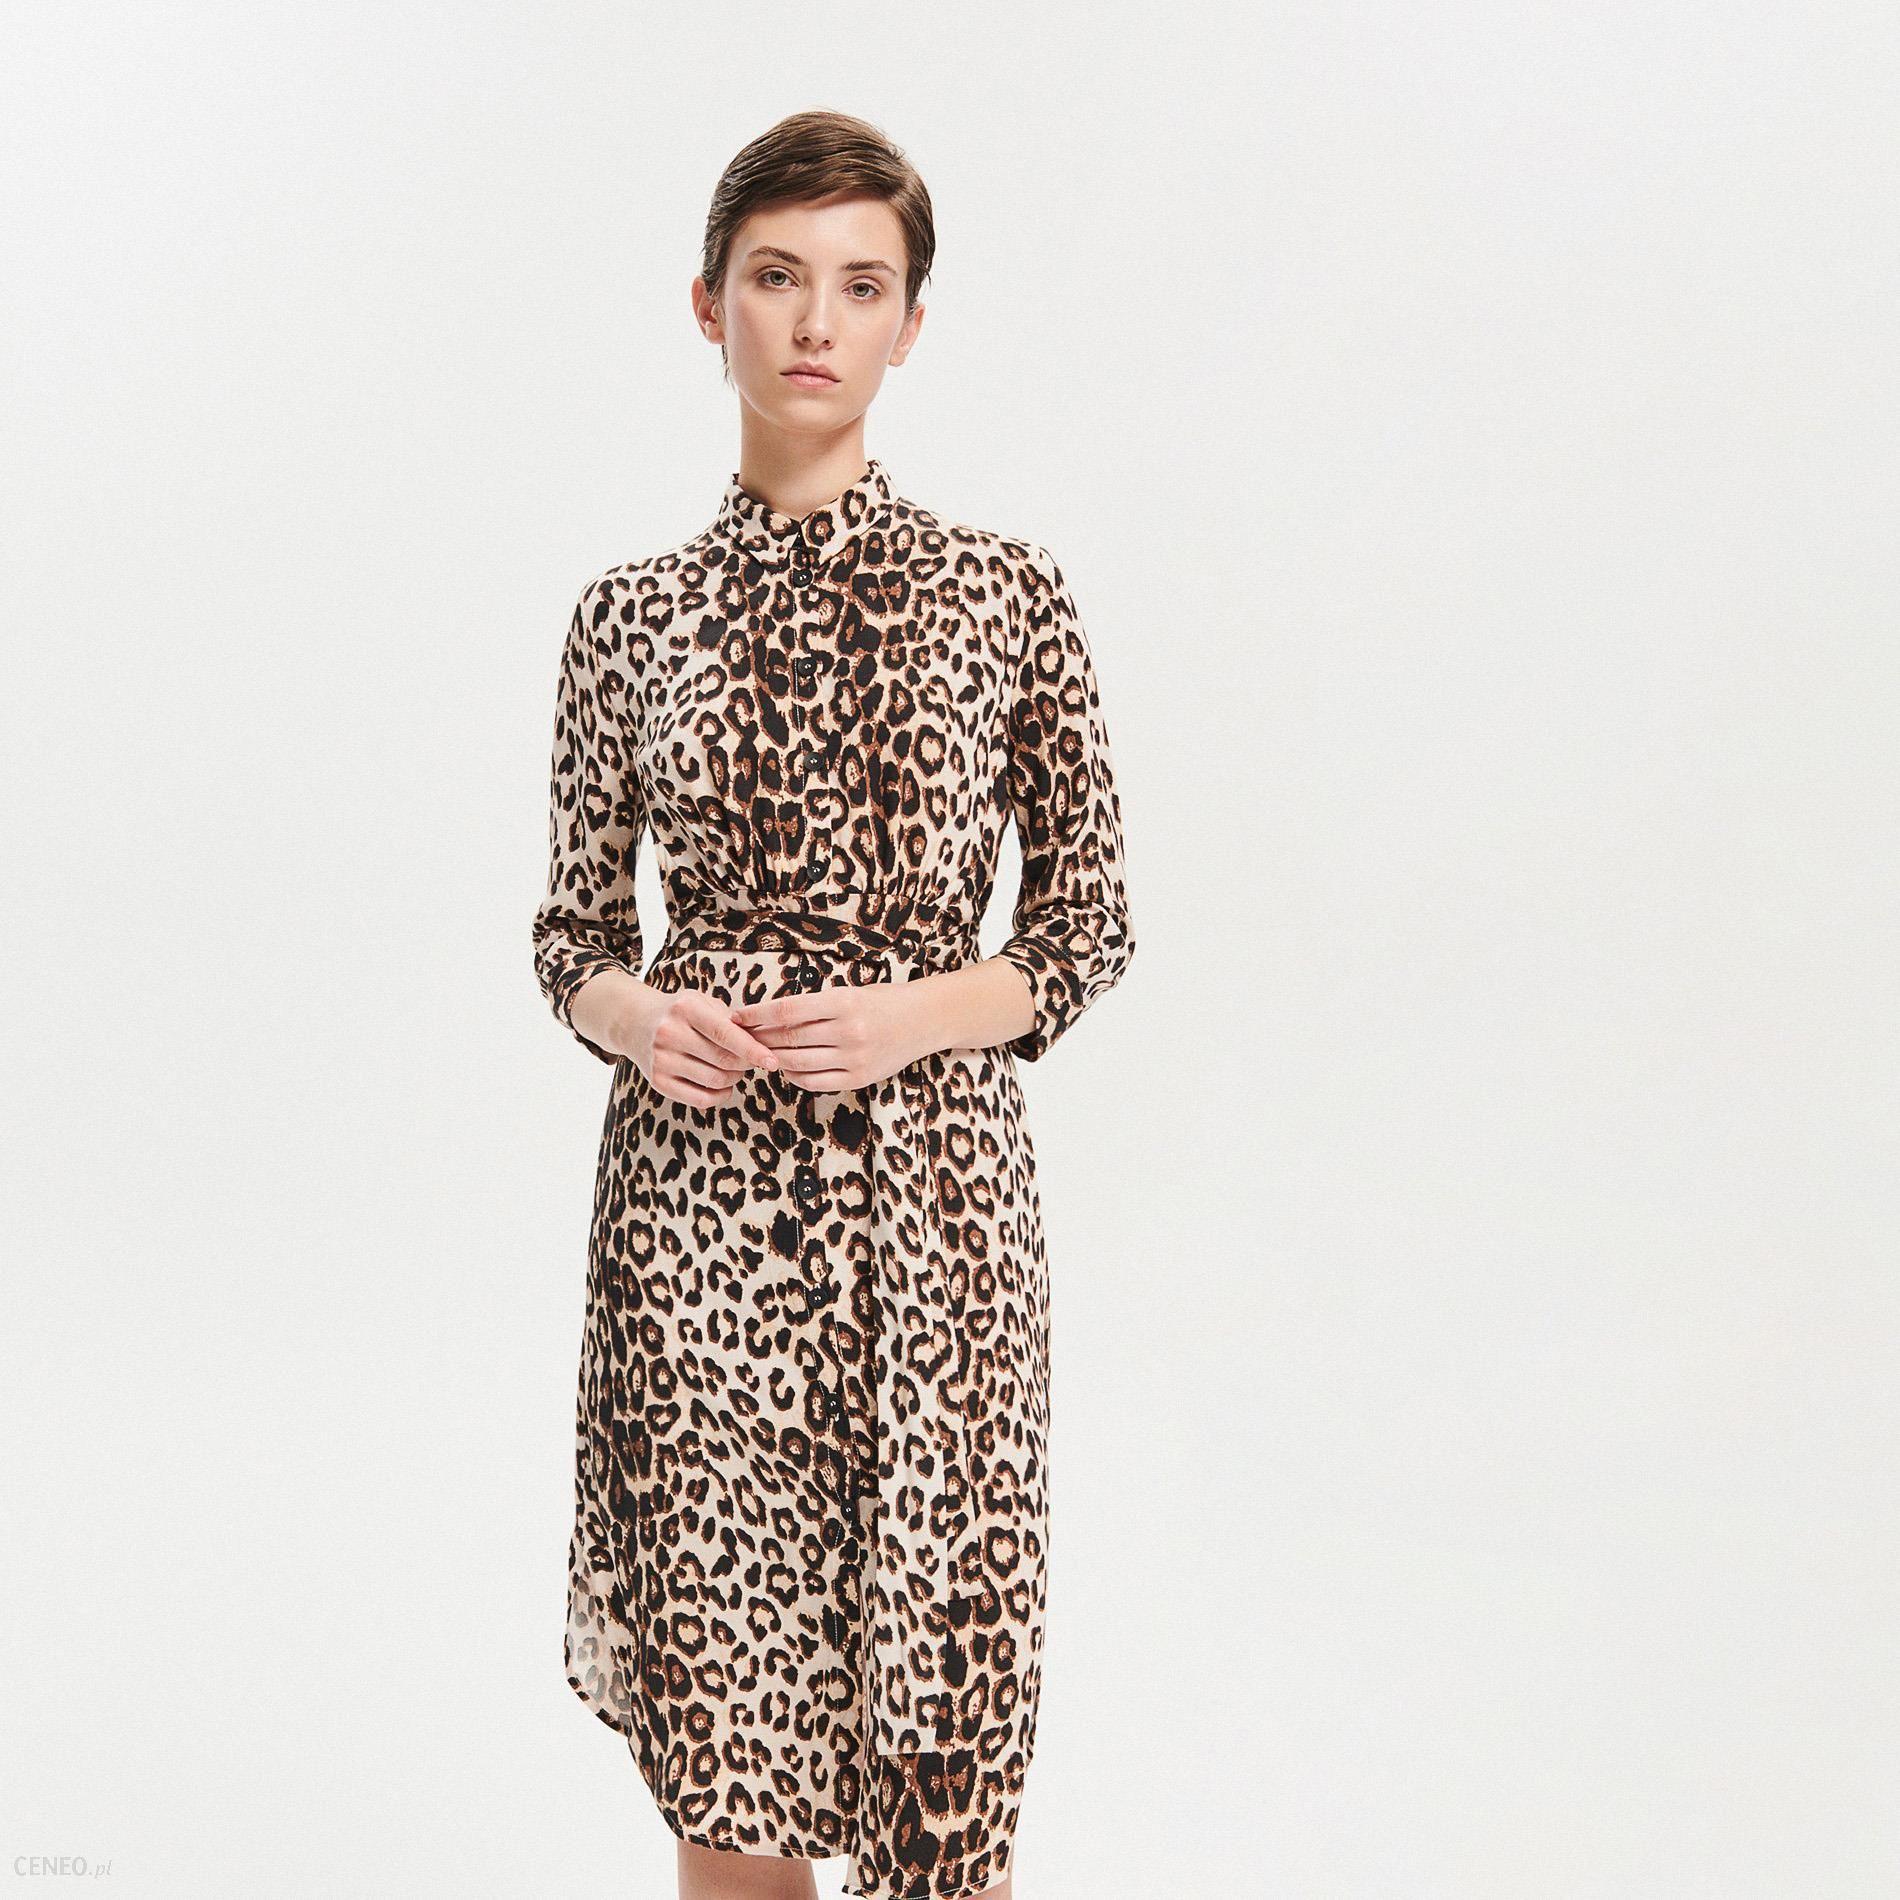 b6b70d79bf Reserved - Sukienka z motywem zwierzęcym - Wielobarwn - Ceny i ...